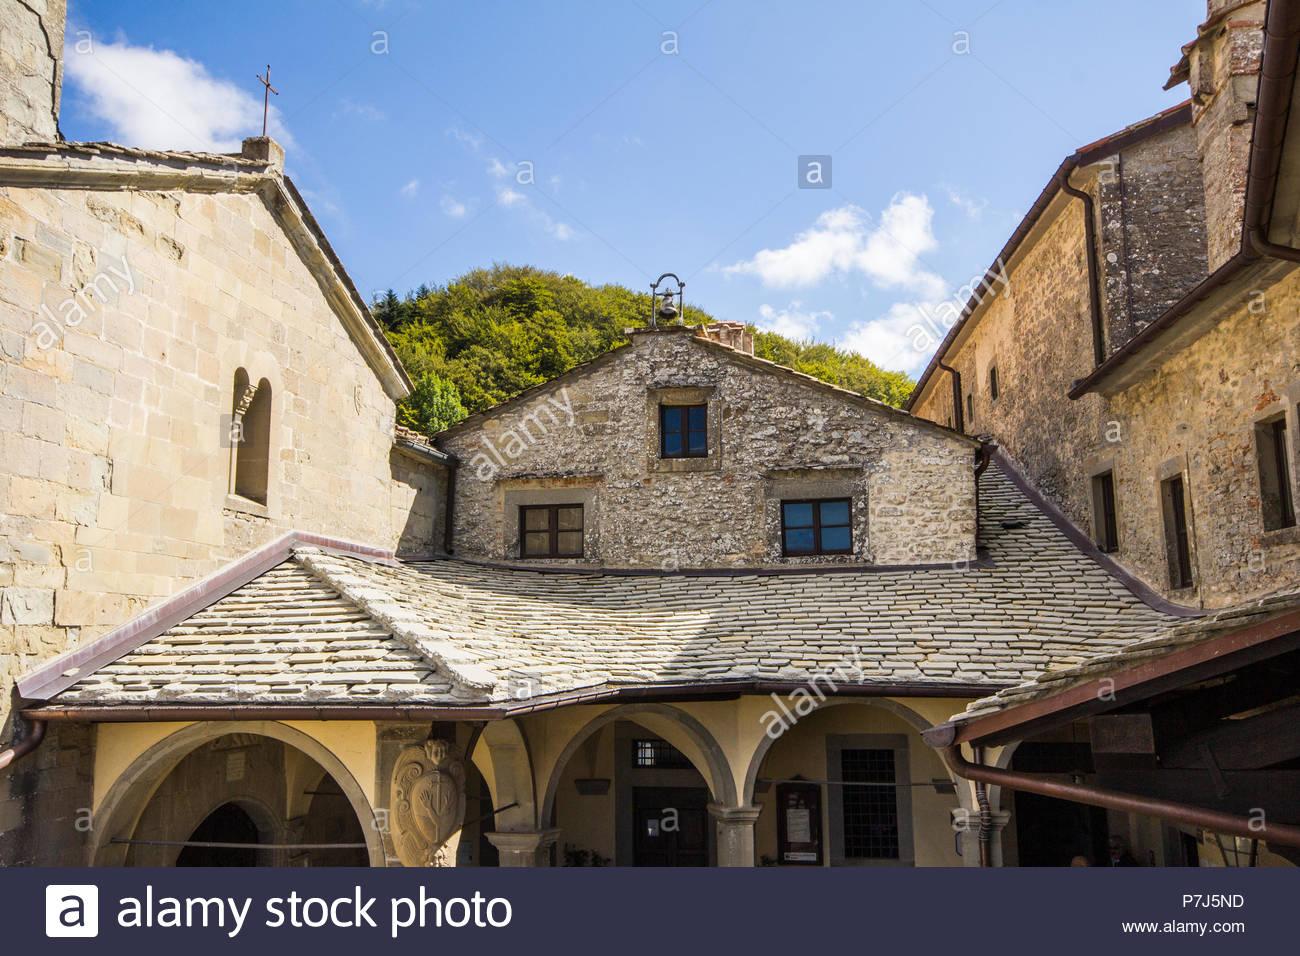 santuario-di-chiusi-della-verna-in-toscana-italia-p7j5nd